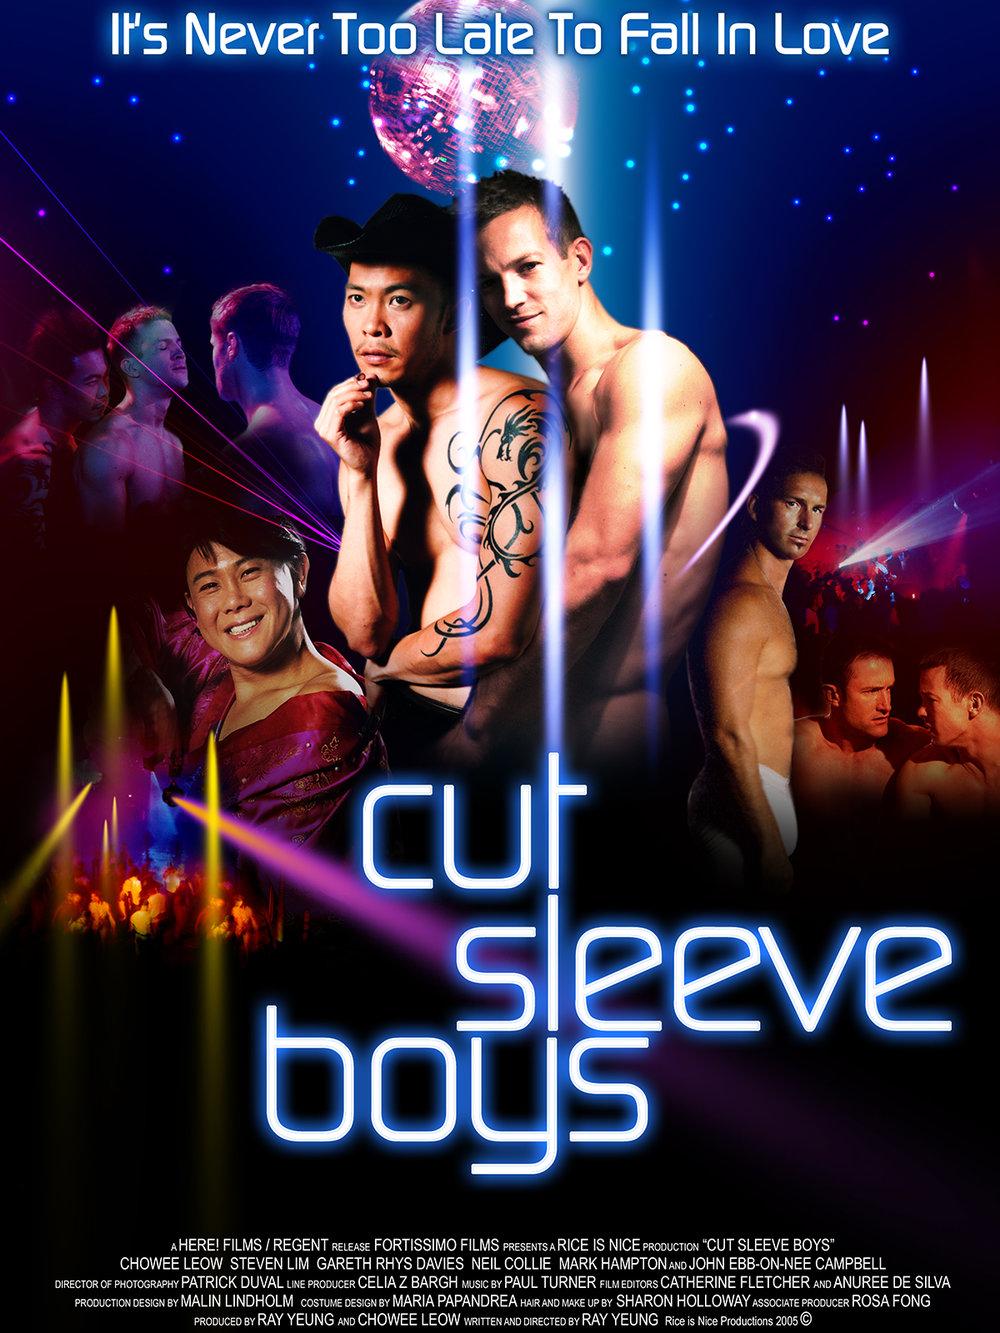 Here-CutSleeveBoys-Full-Image-en-US.jpg